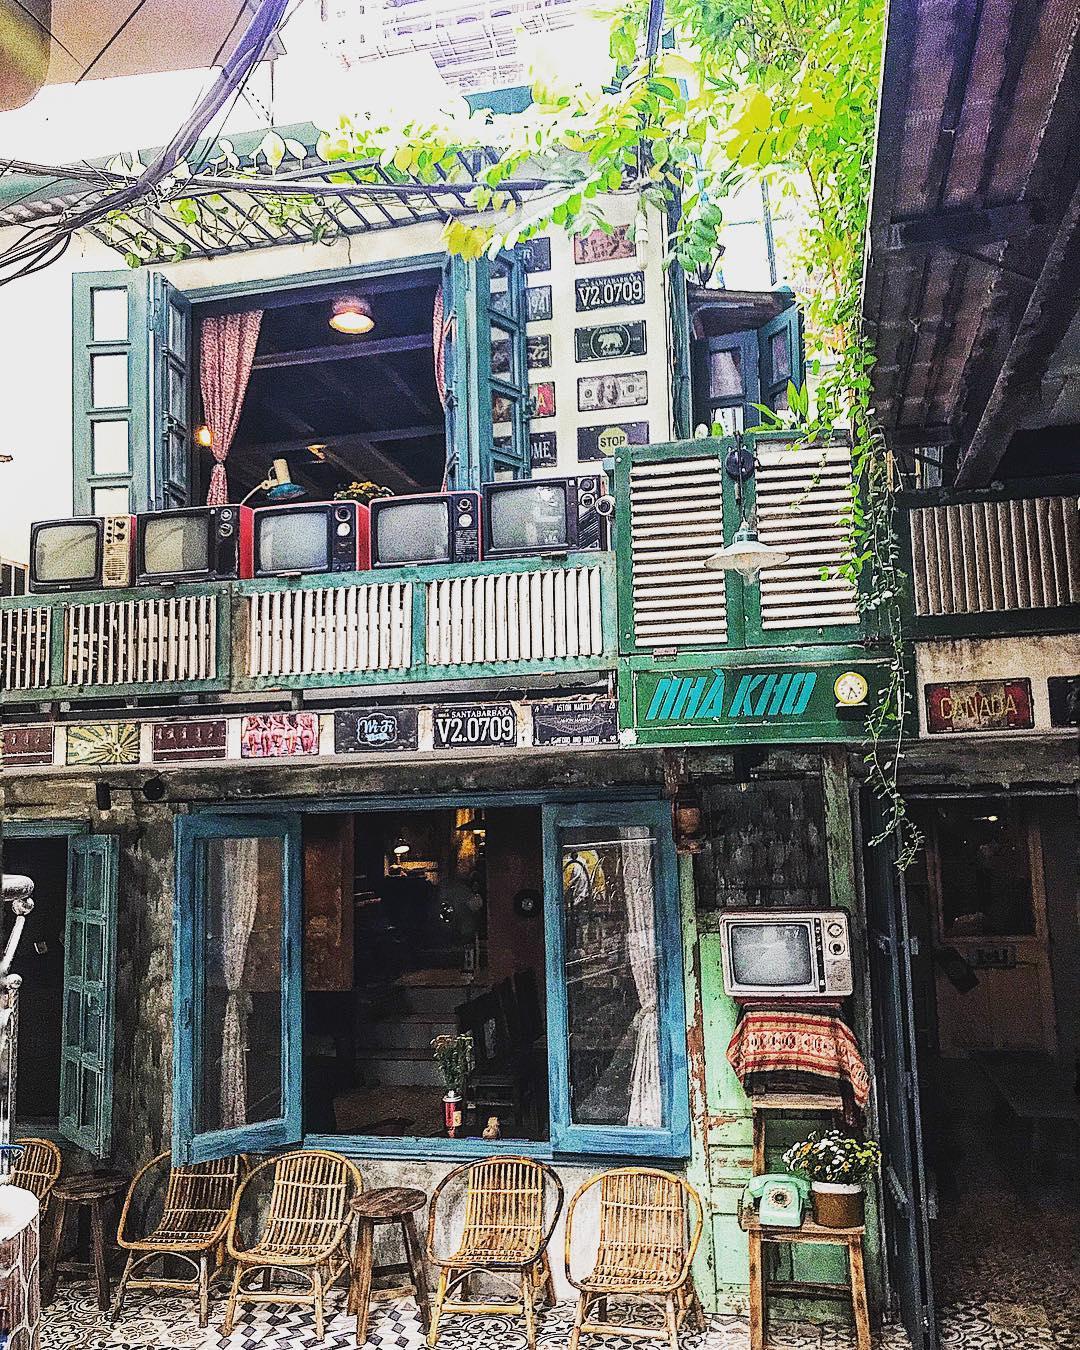 hanoi_nhung-quan-cafe-phong-cach-bao-cap-o-ha-noi-06